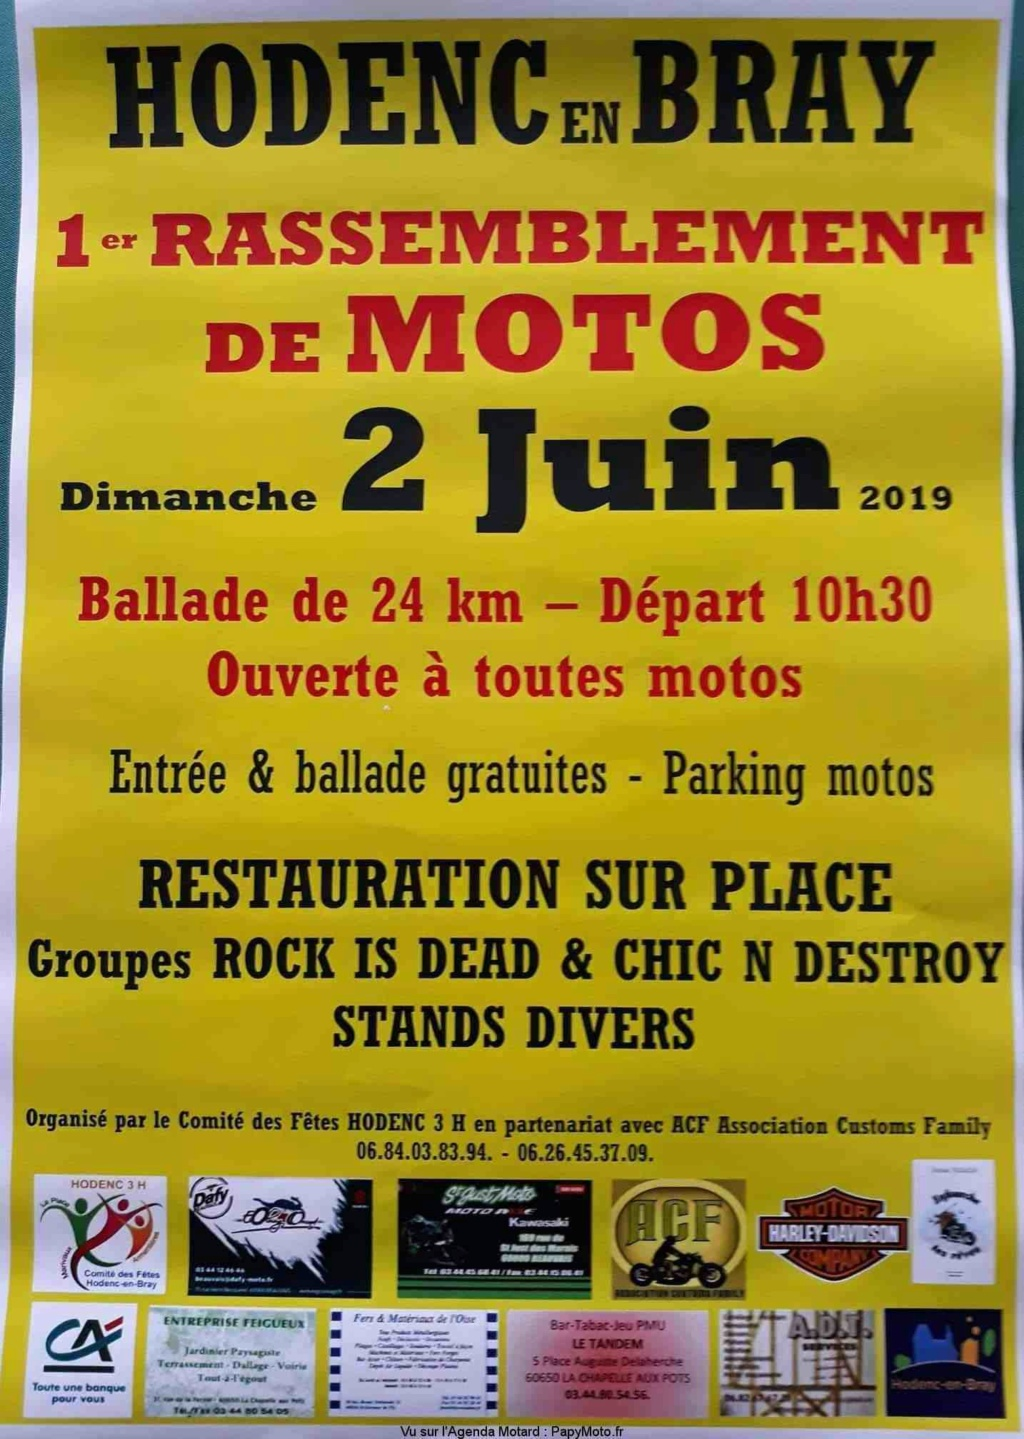 MANIFESTATION - Rassemblement Motos - 2 Juin 2019 - Hodenc en Bray 1er-ra11